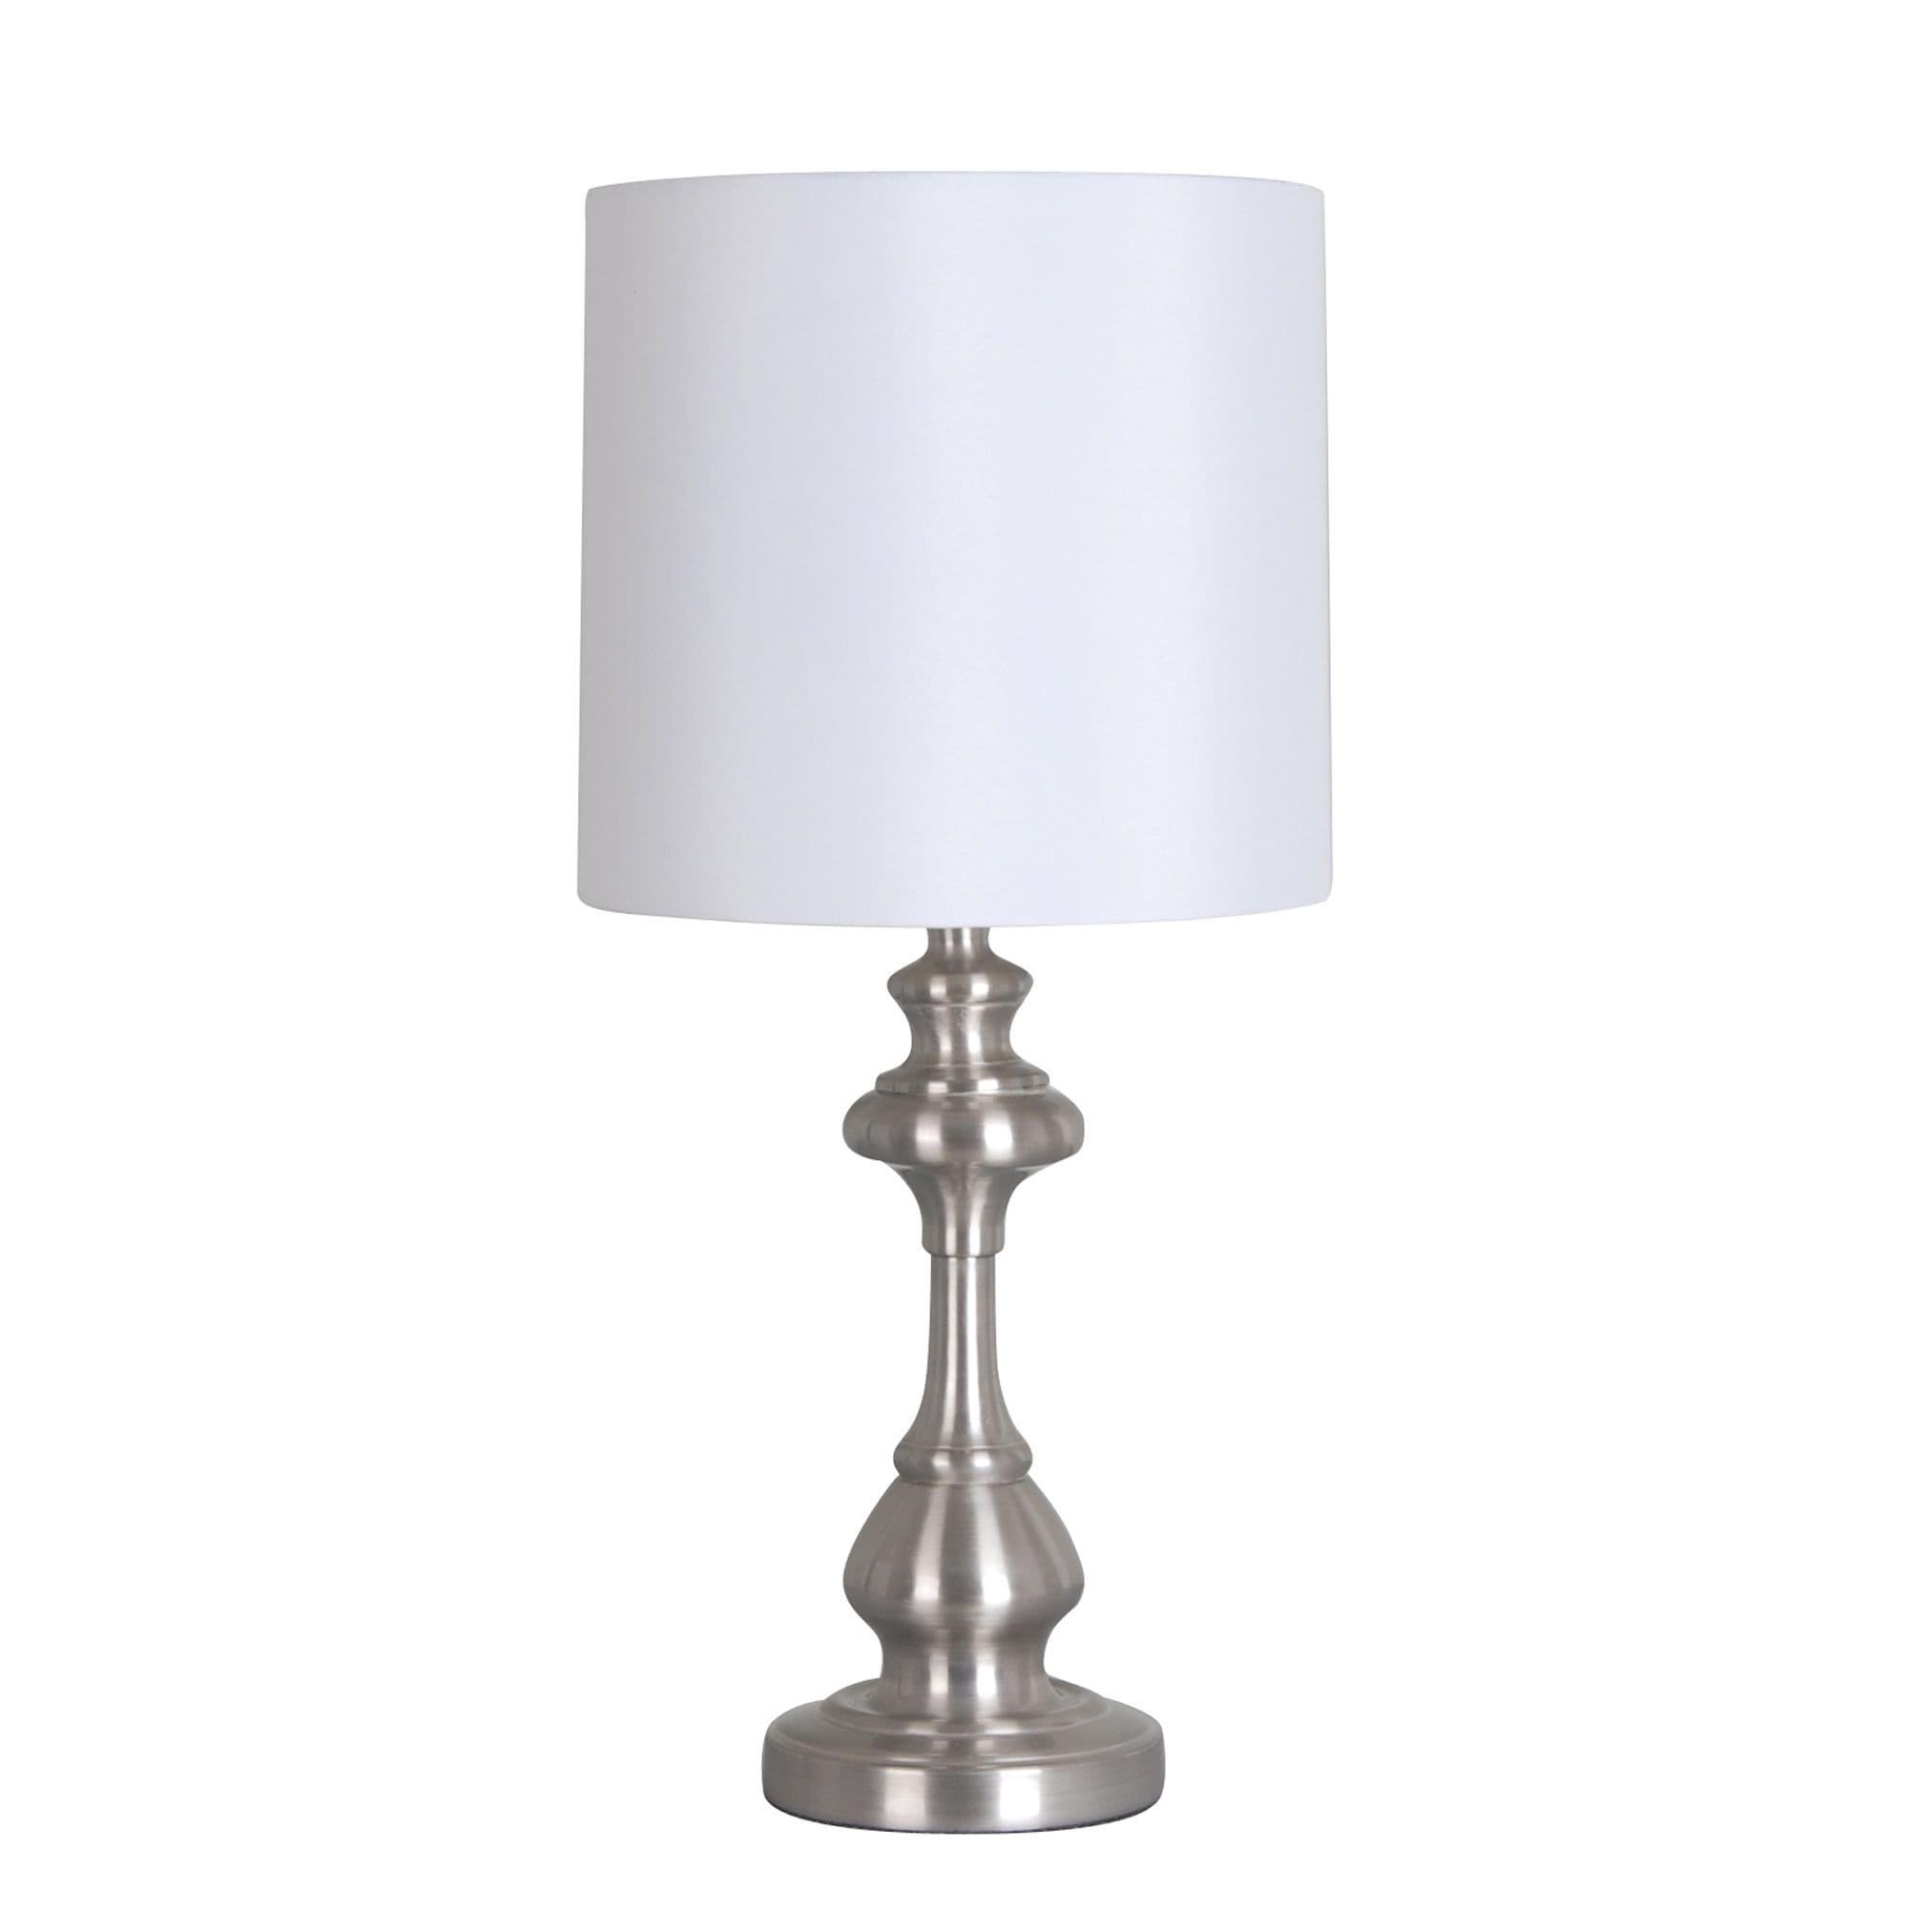 Laurel Creek Jay 18.75-inch Brushed Steel Metal Table Lamp